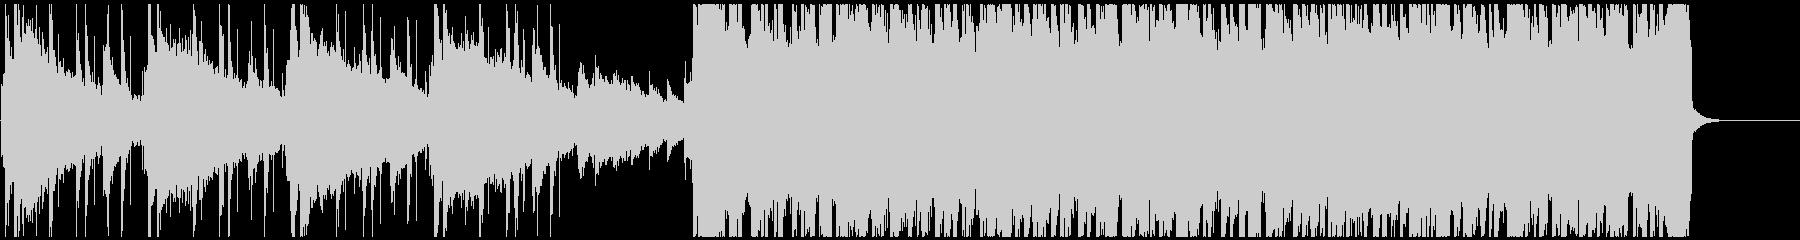 シンプルな骨太ロックの未再生の波形